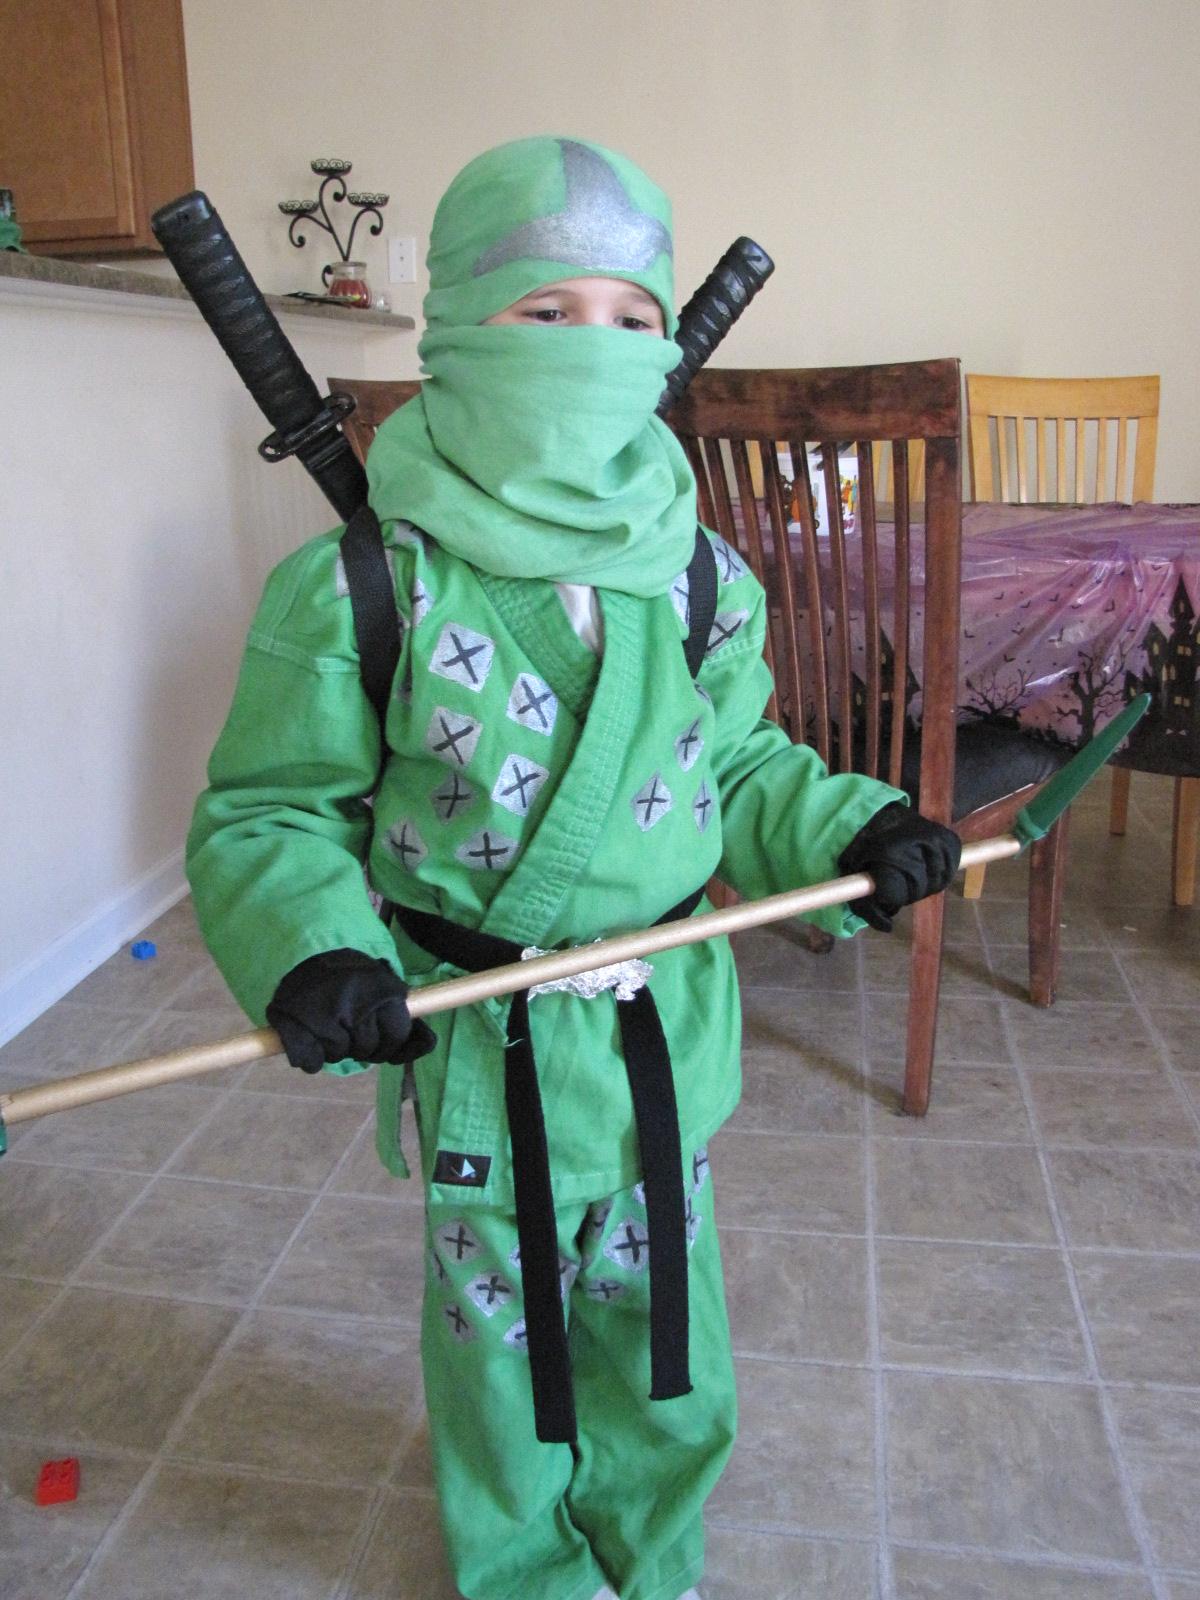 & Roberts Family Adventures: How to Make a Ninjago Green Ninja Costume